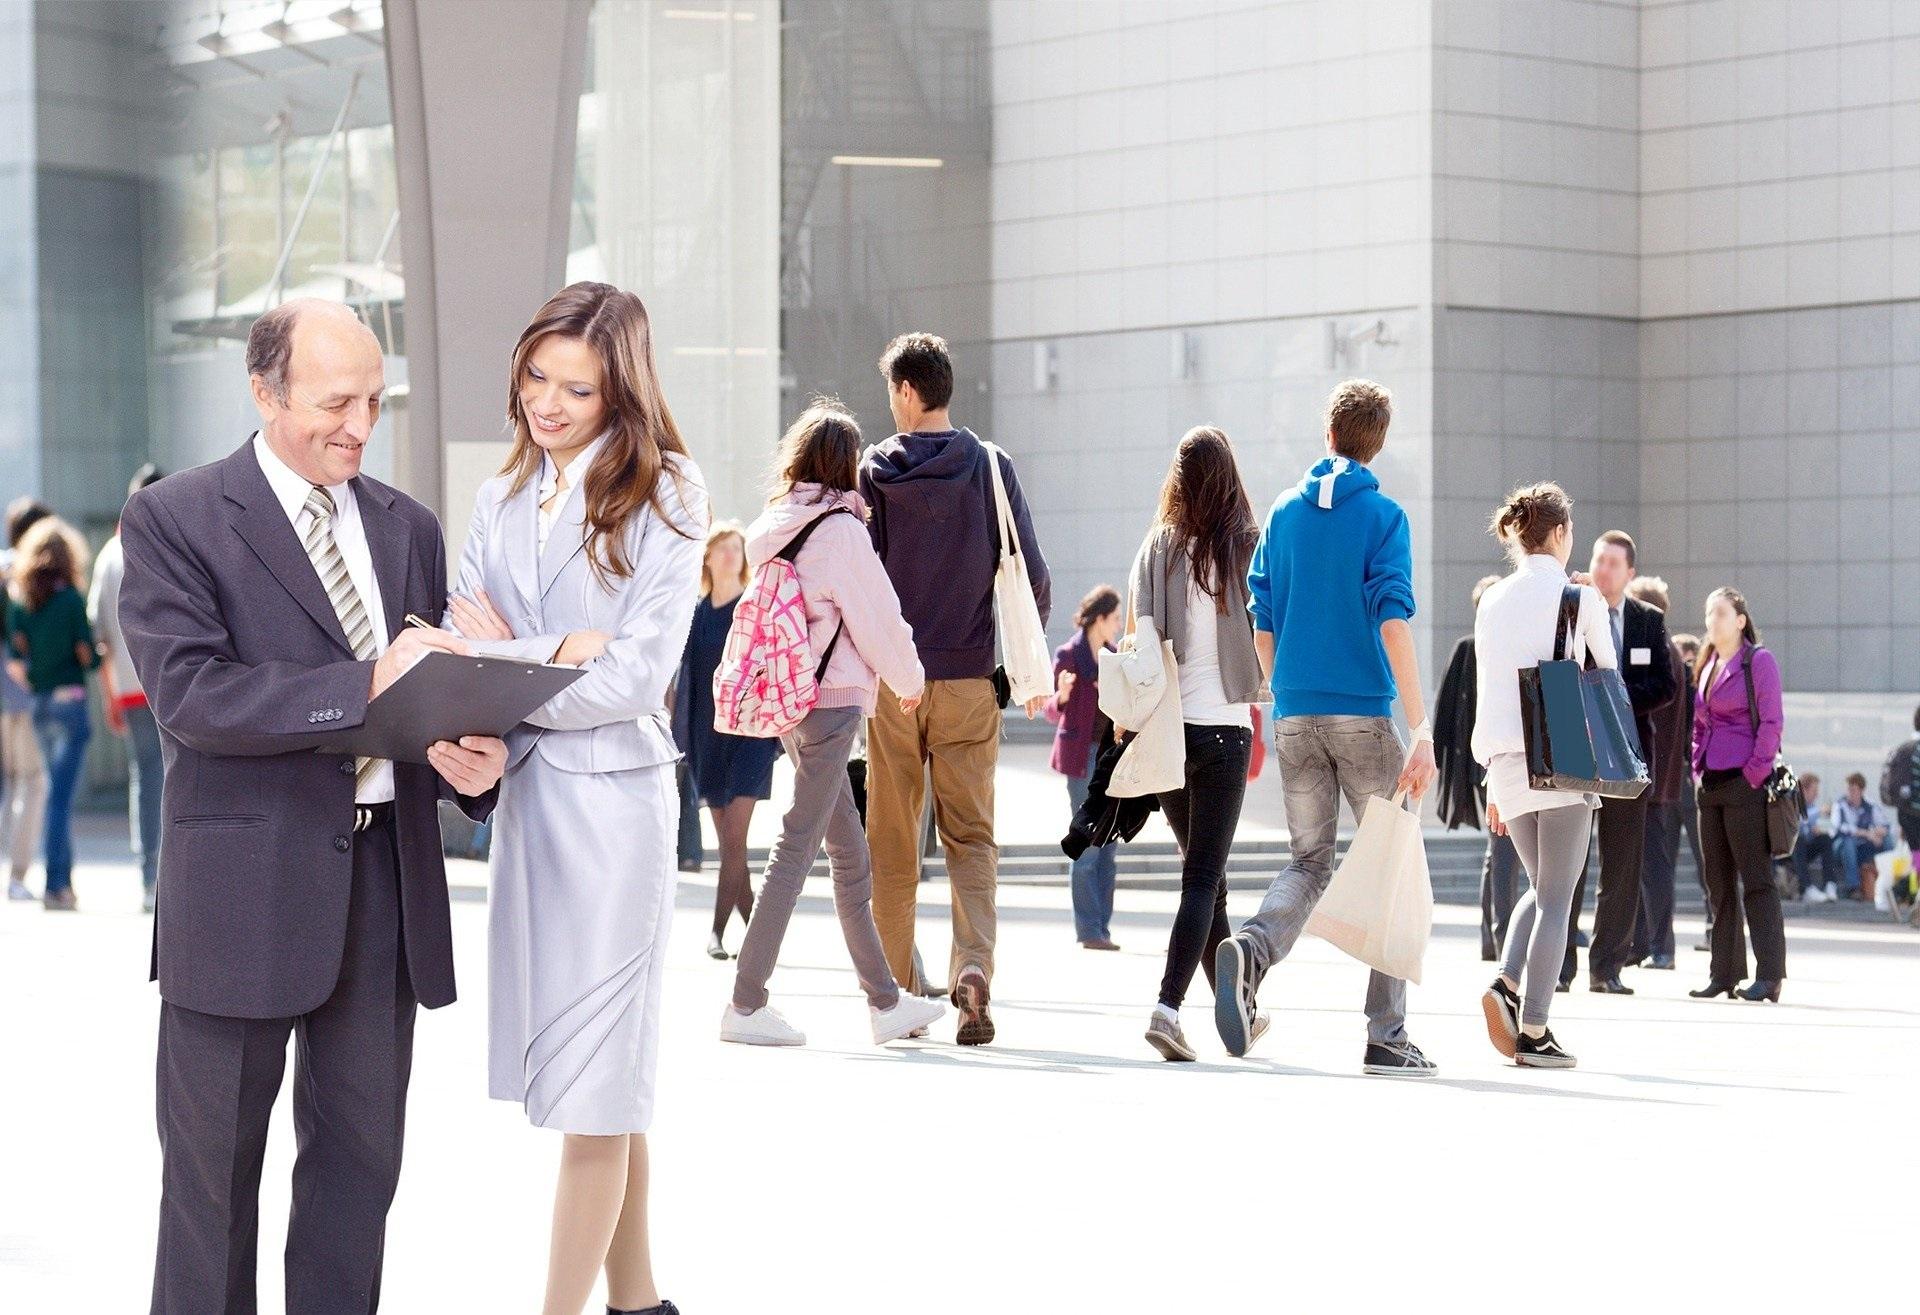 La nueva Oficina de la Fiscalía de la Comunidad de Madrid estará lista para 2021 - La Viña